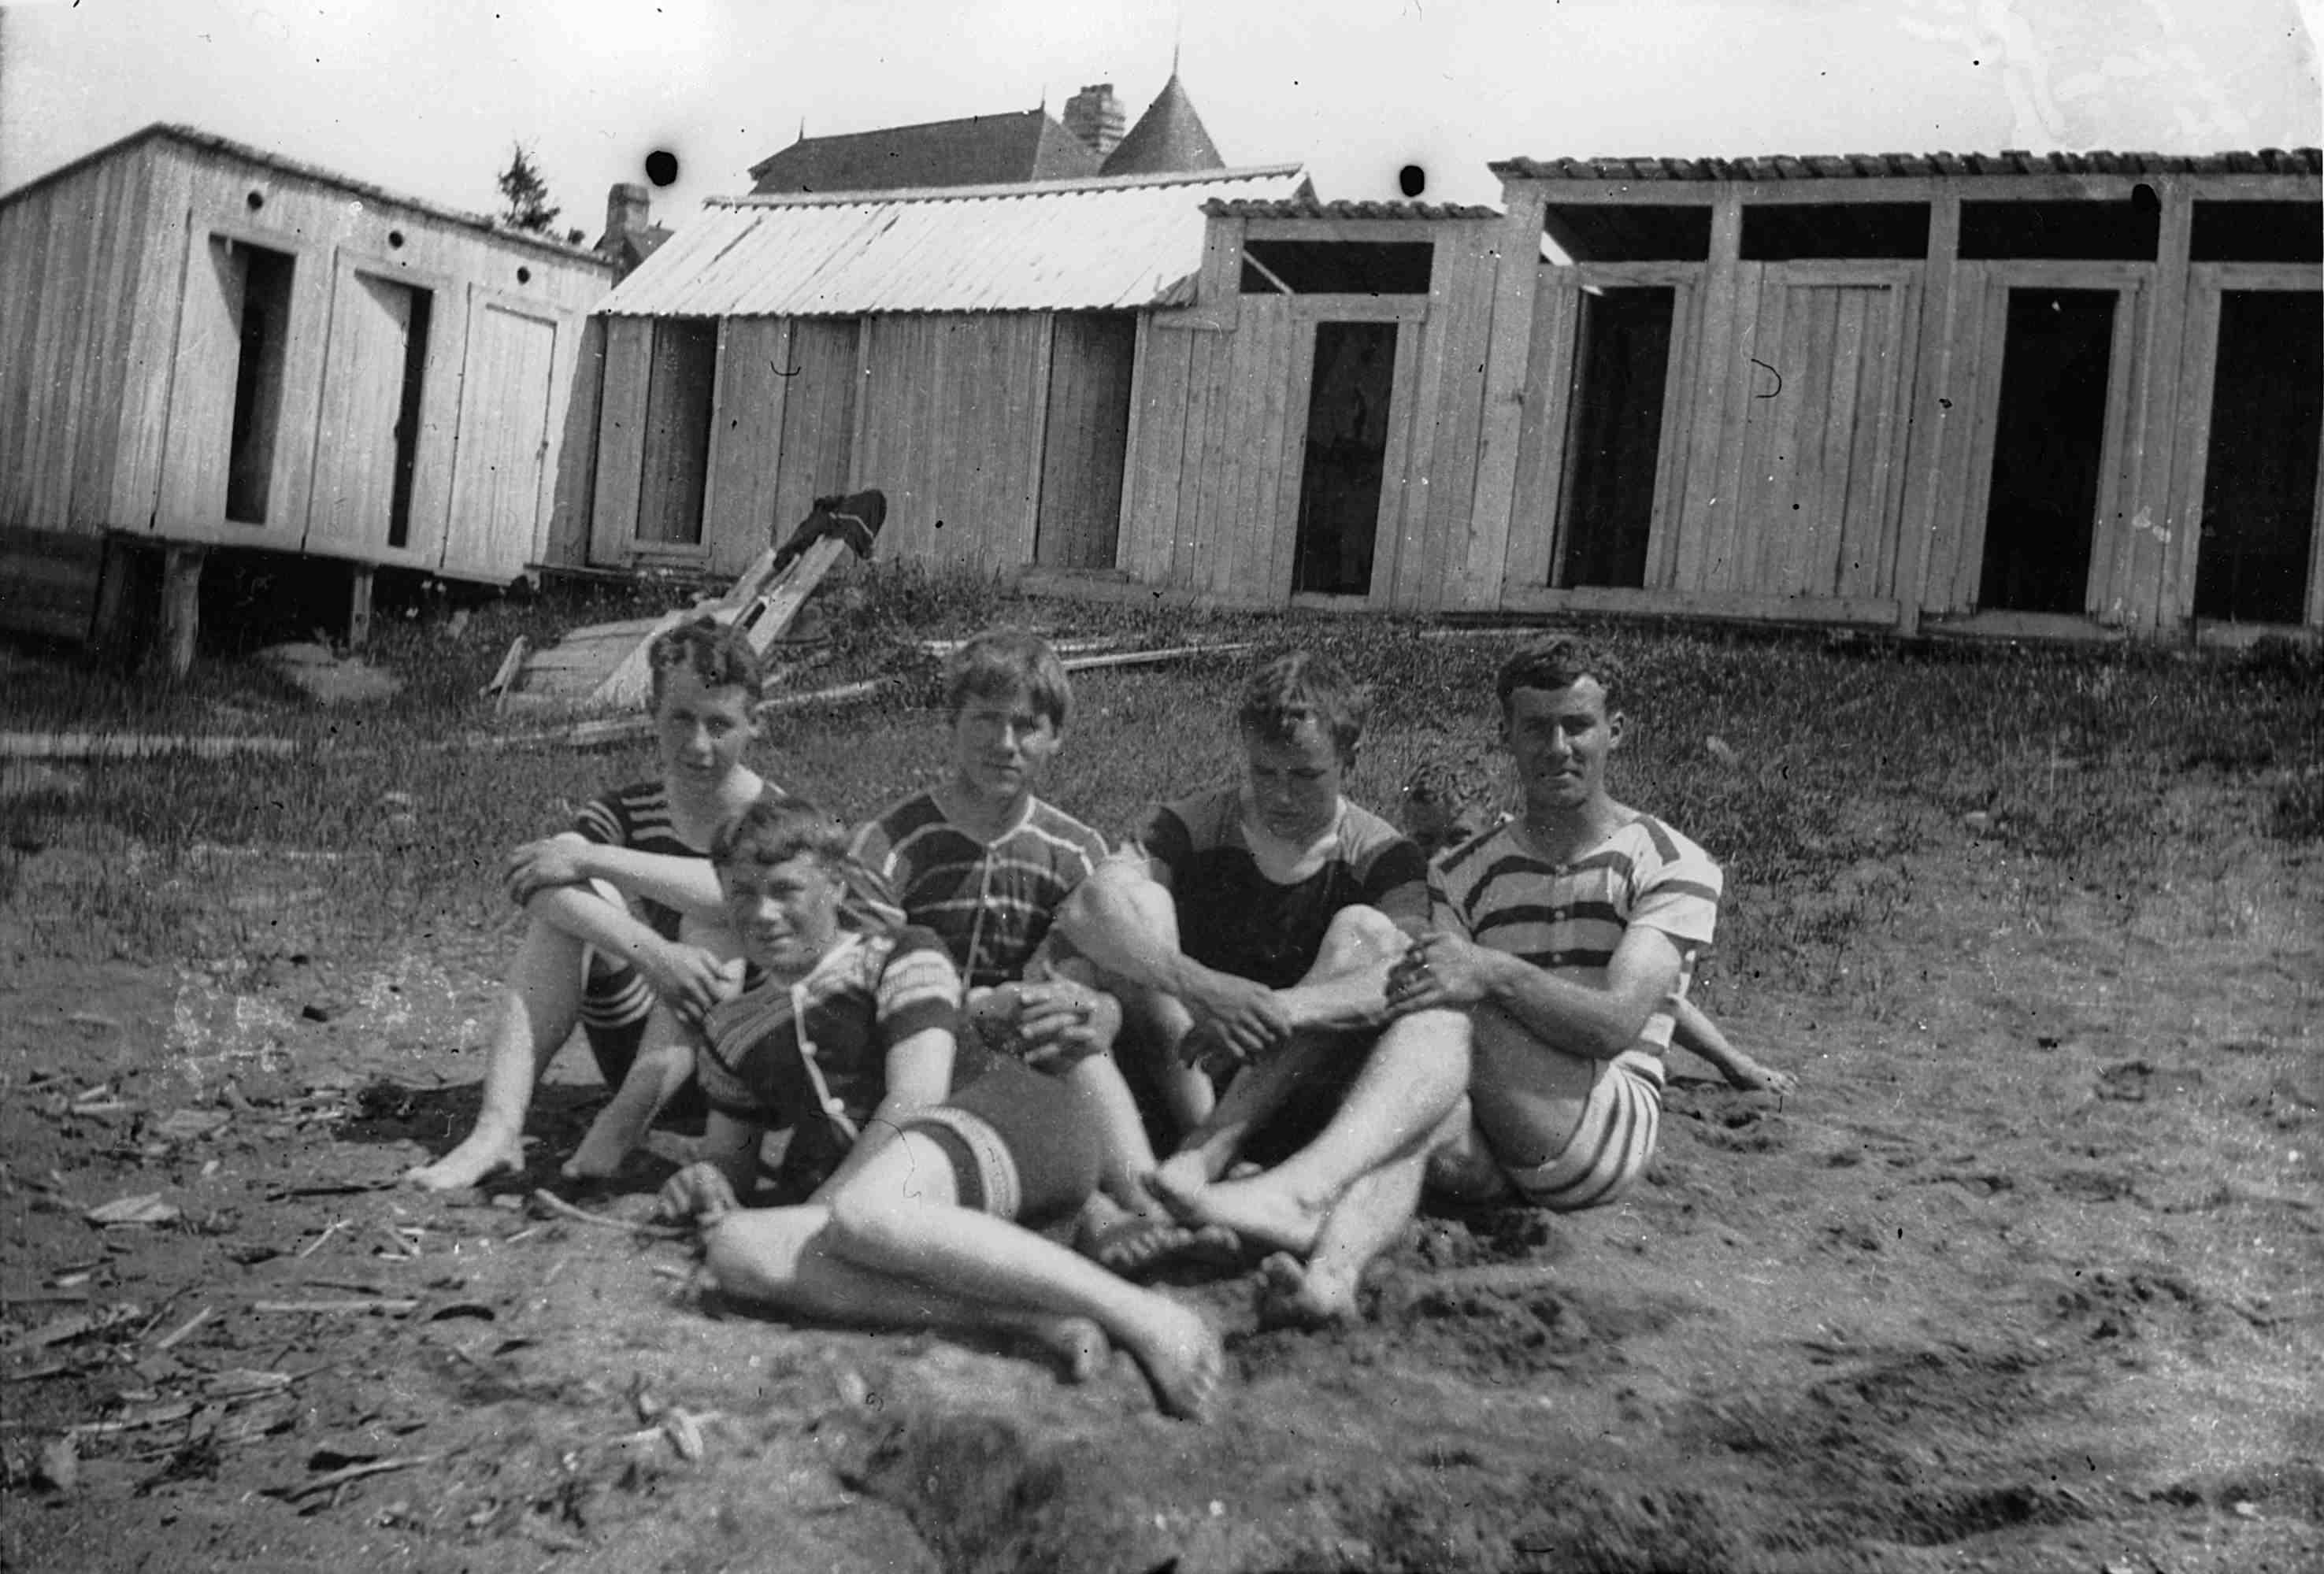 Cinq adolescents vêtus de maillots de bain anciens sont assis dans le sable, près d'une série de cabines.